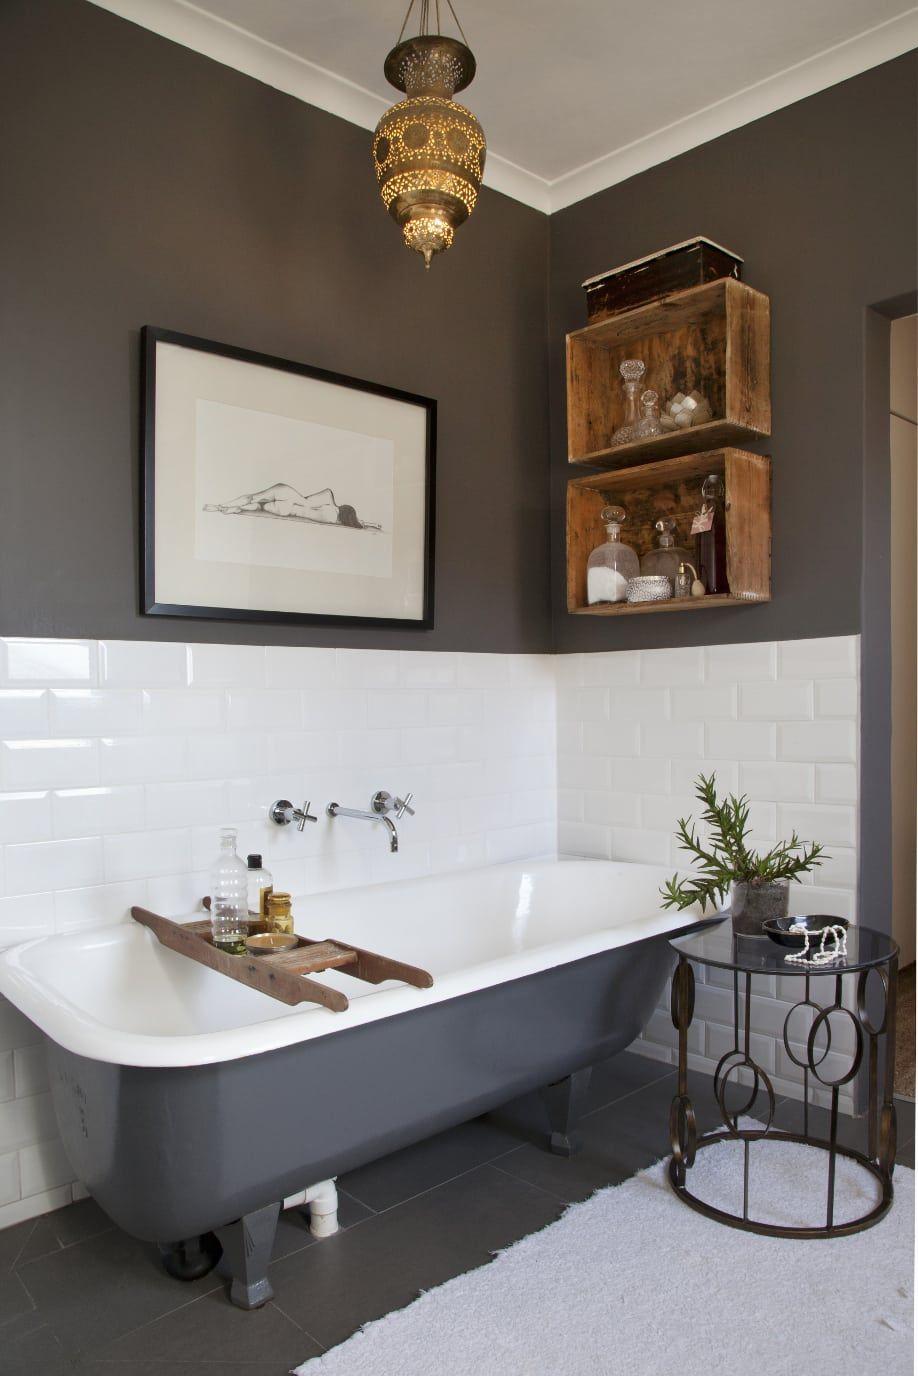 tipps fr kleine badezimmer gibt es hier online im westwing magazin lassen sie sich - Kleines Badezimmer Tipps